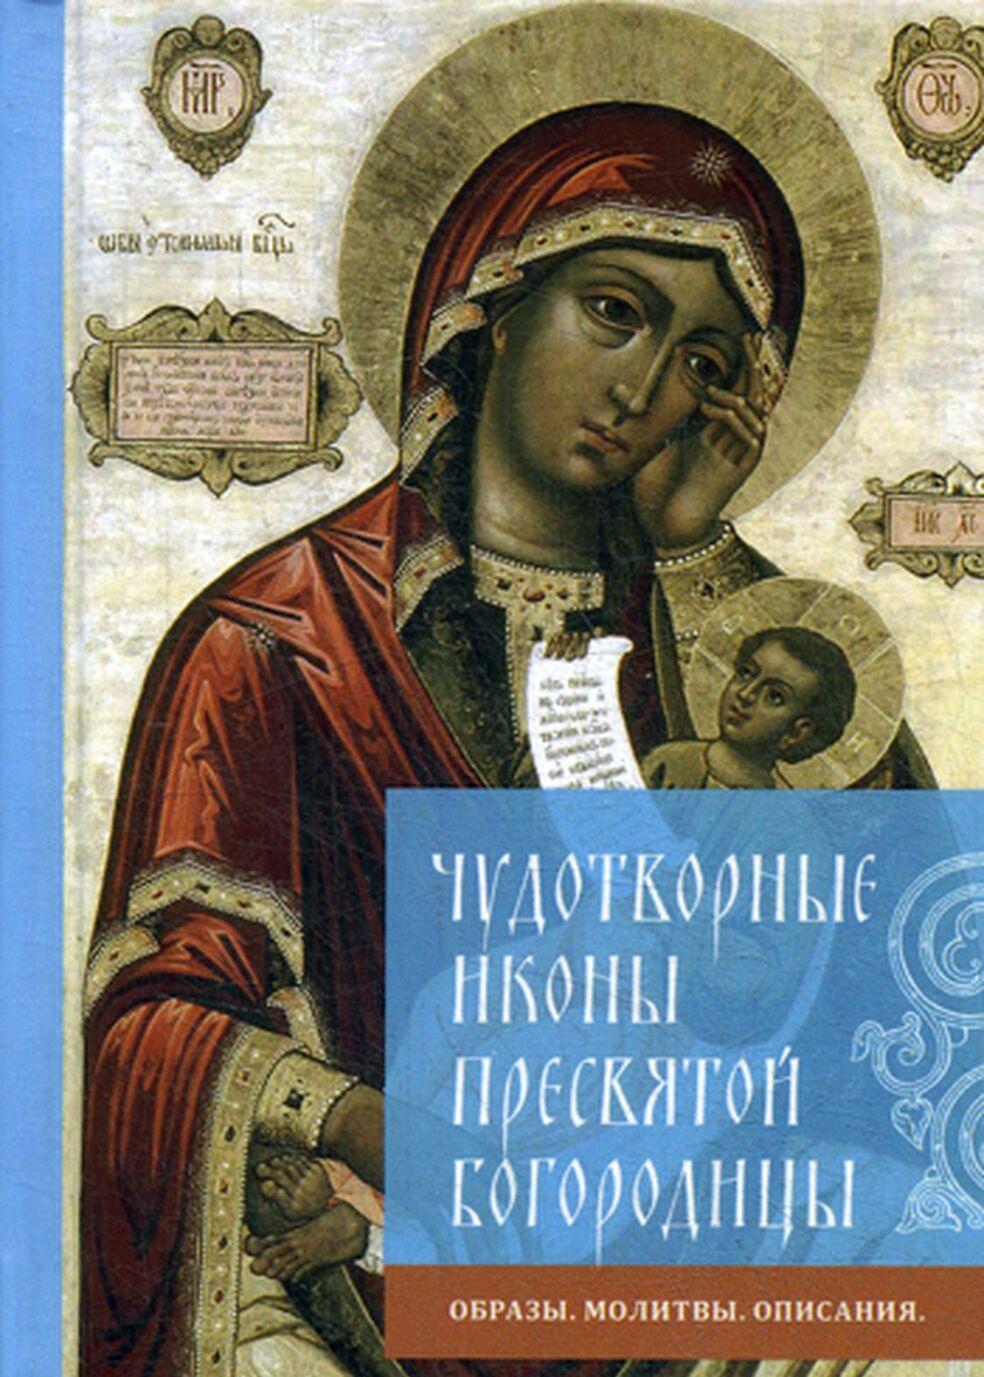 Chudotvornye ikony Presvjatoj Bogoroditsy. Obrazy. Molitvy. Opisanija